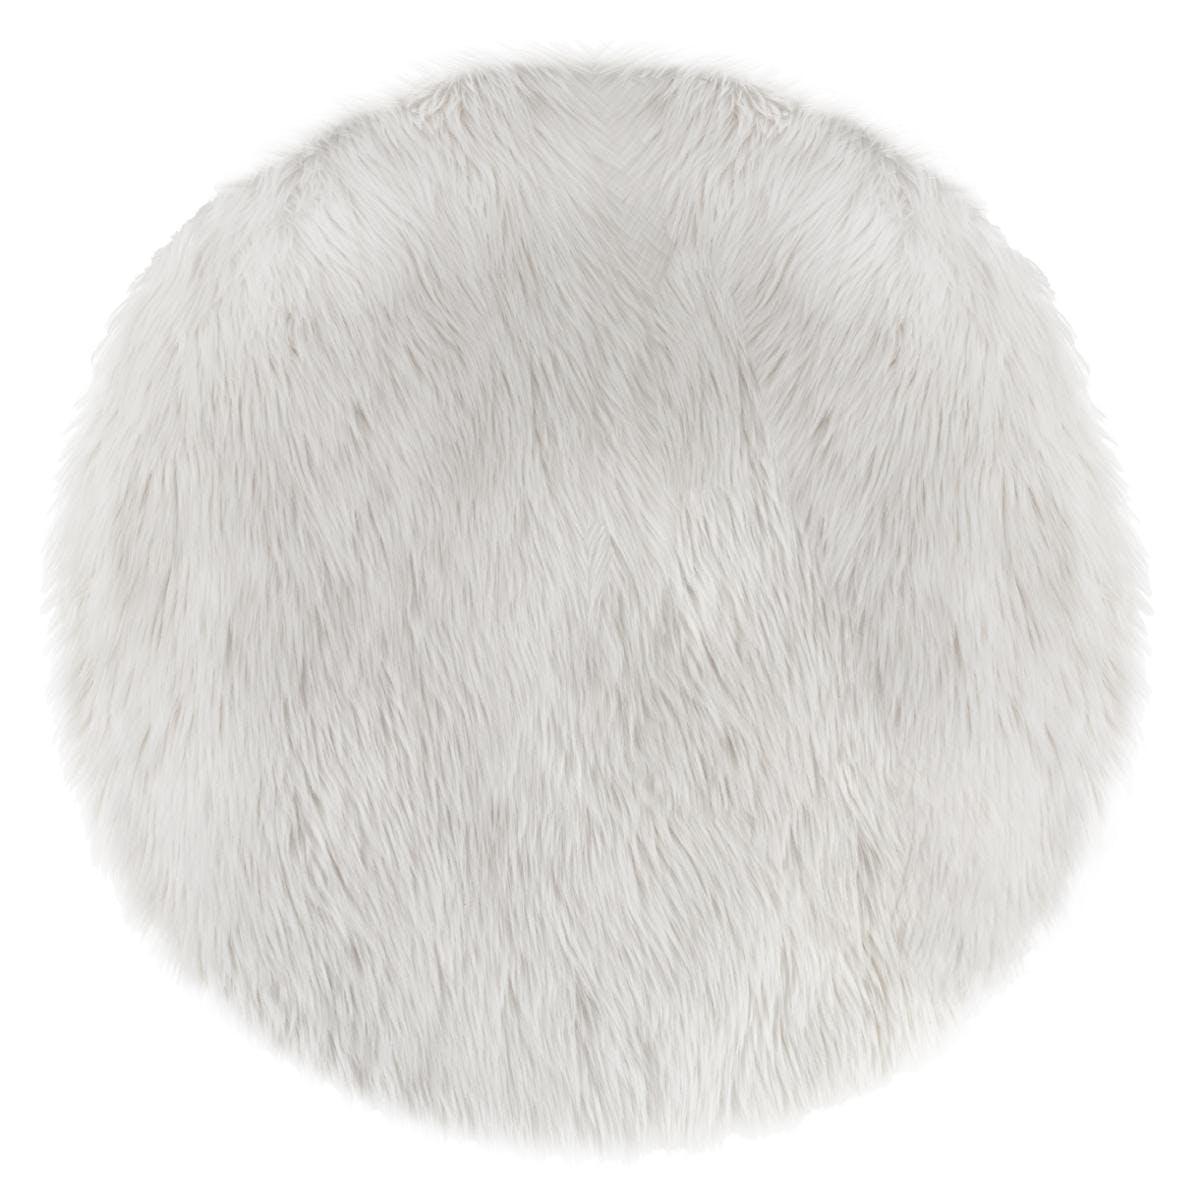 Tapis rond fourrure blanche D90cm